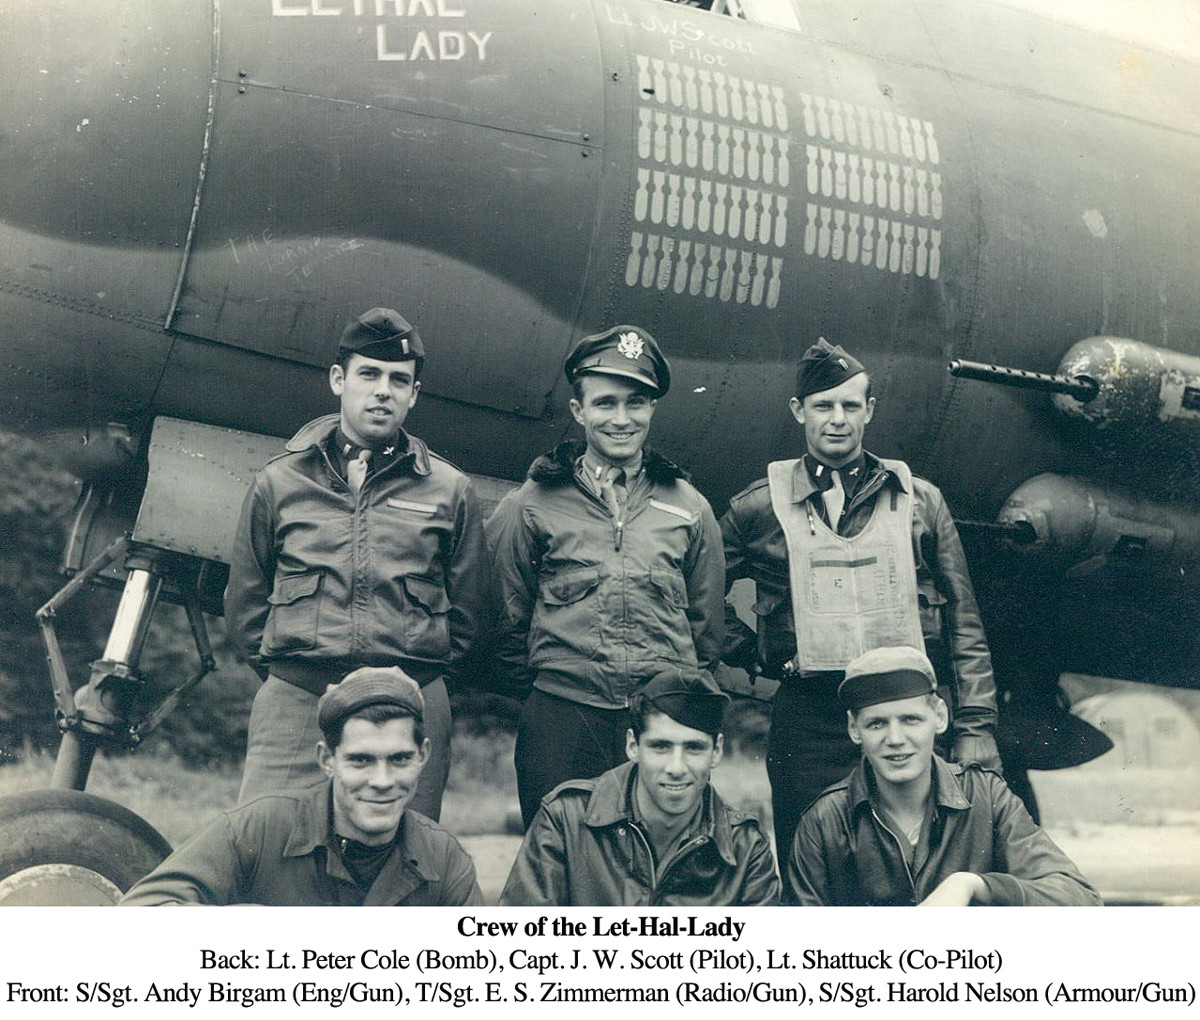 Joe air corps with crew